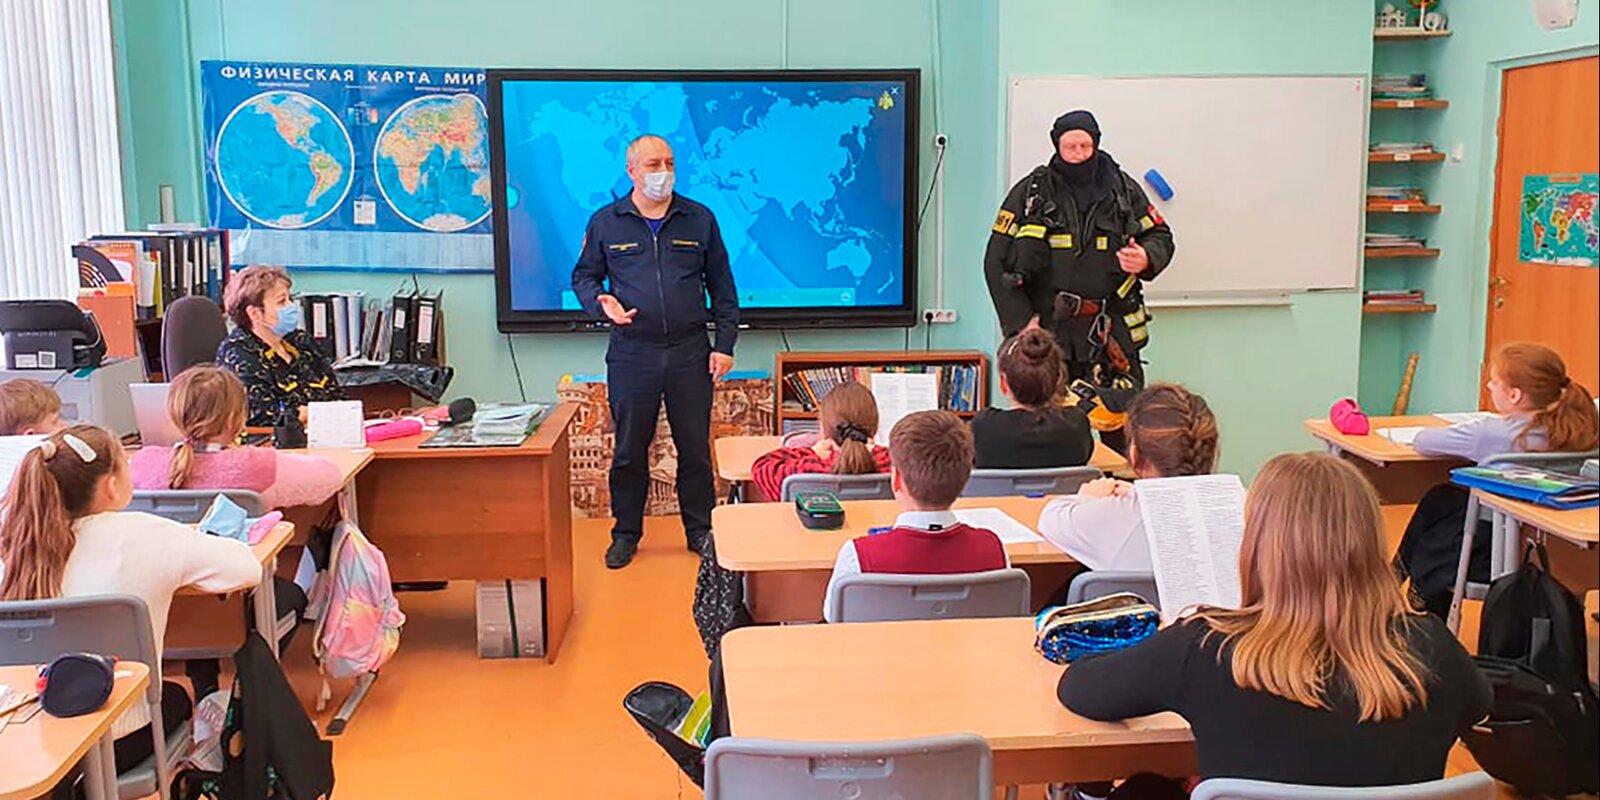 Более 50 тысяч московских школьников станут участниками Всероссийского урока по основам безопасности жизнедеятельности